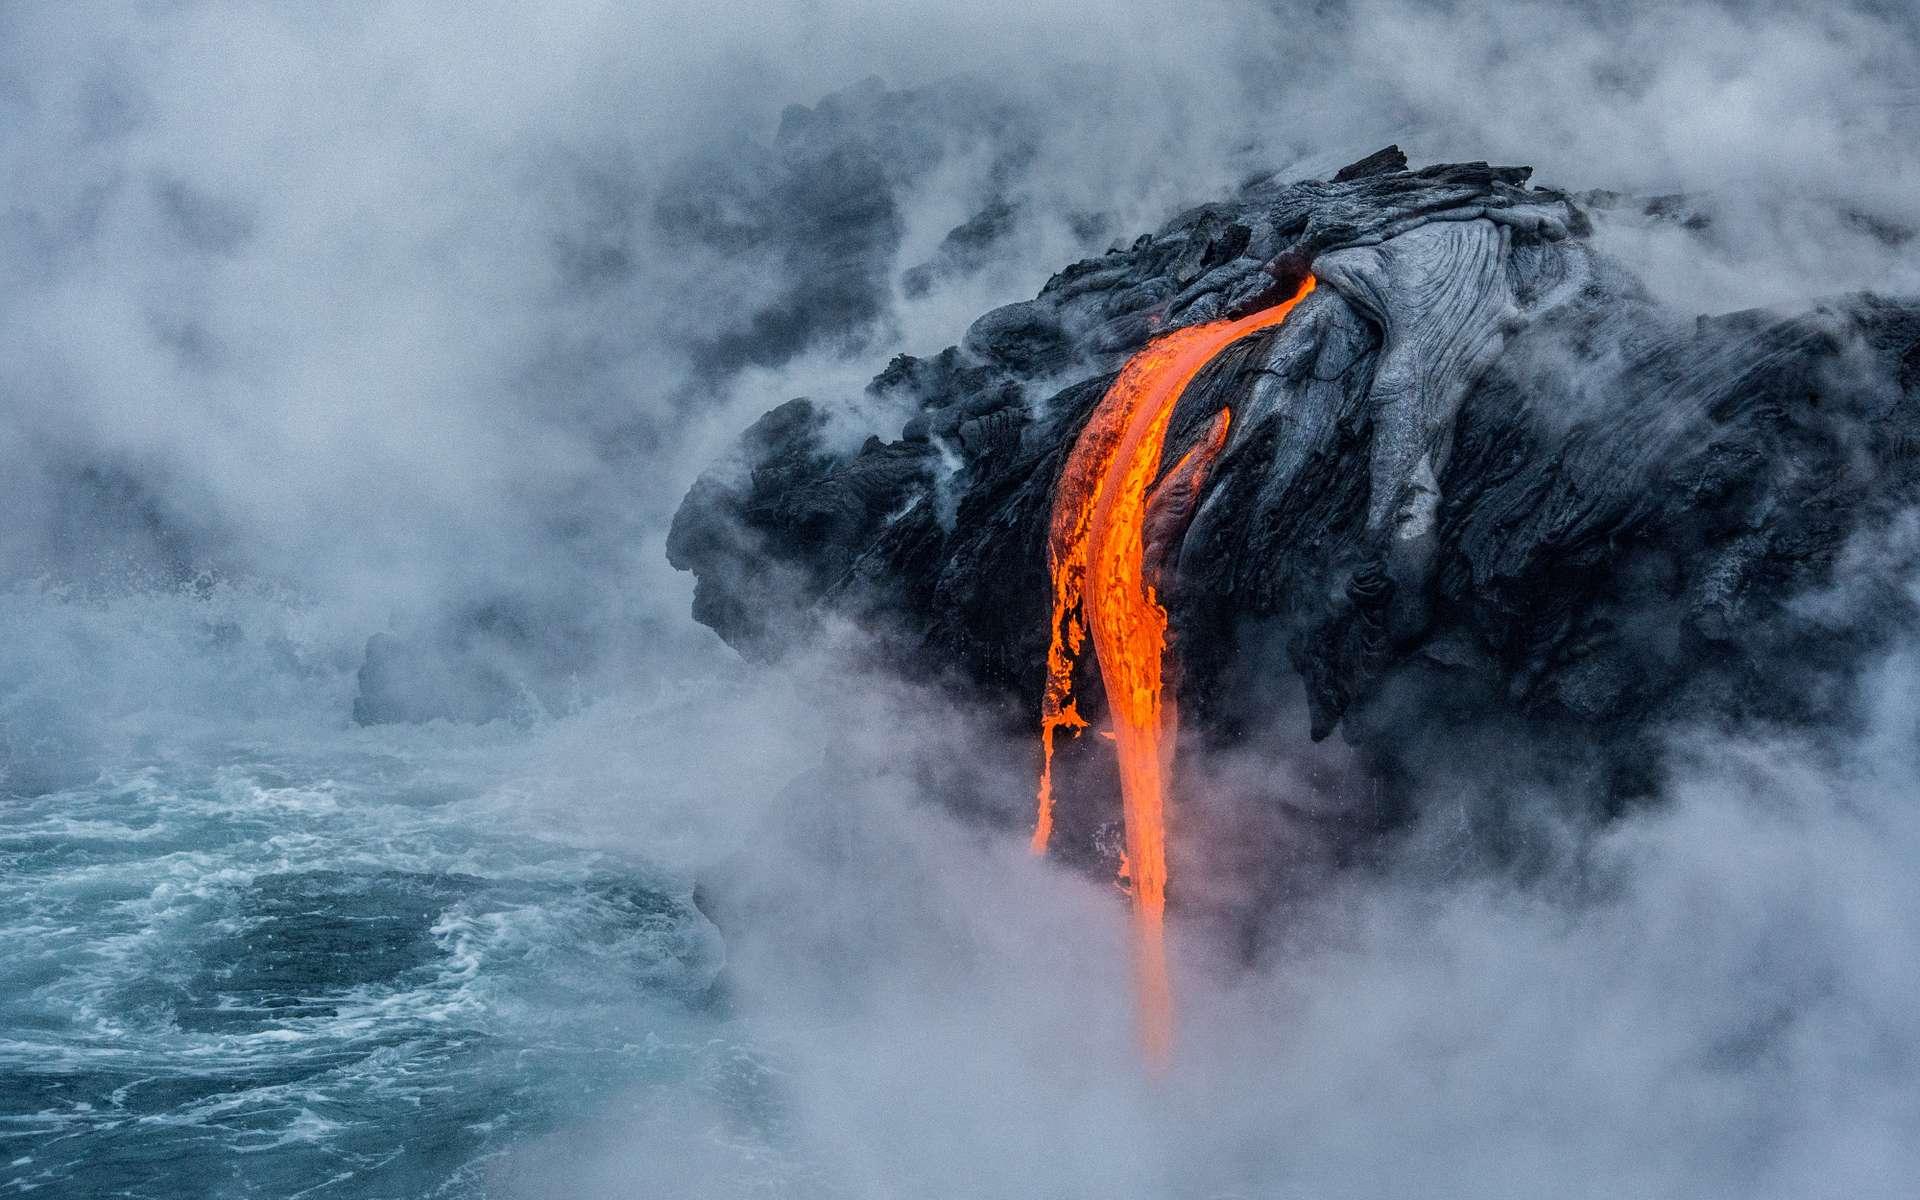 Découvrez les plus belles images de science de 2017. Ici, une fascinante coulée de lave, à Hawaï. © Sabrina Koehler, université de Hawaï